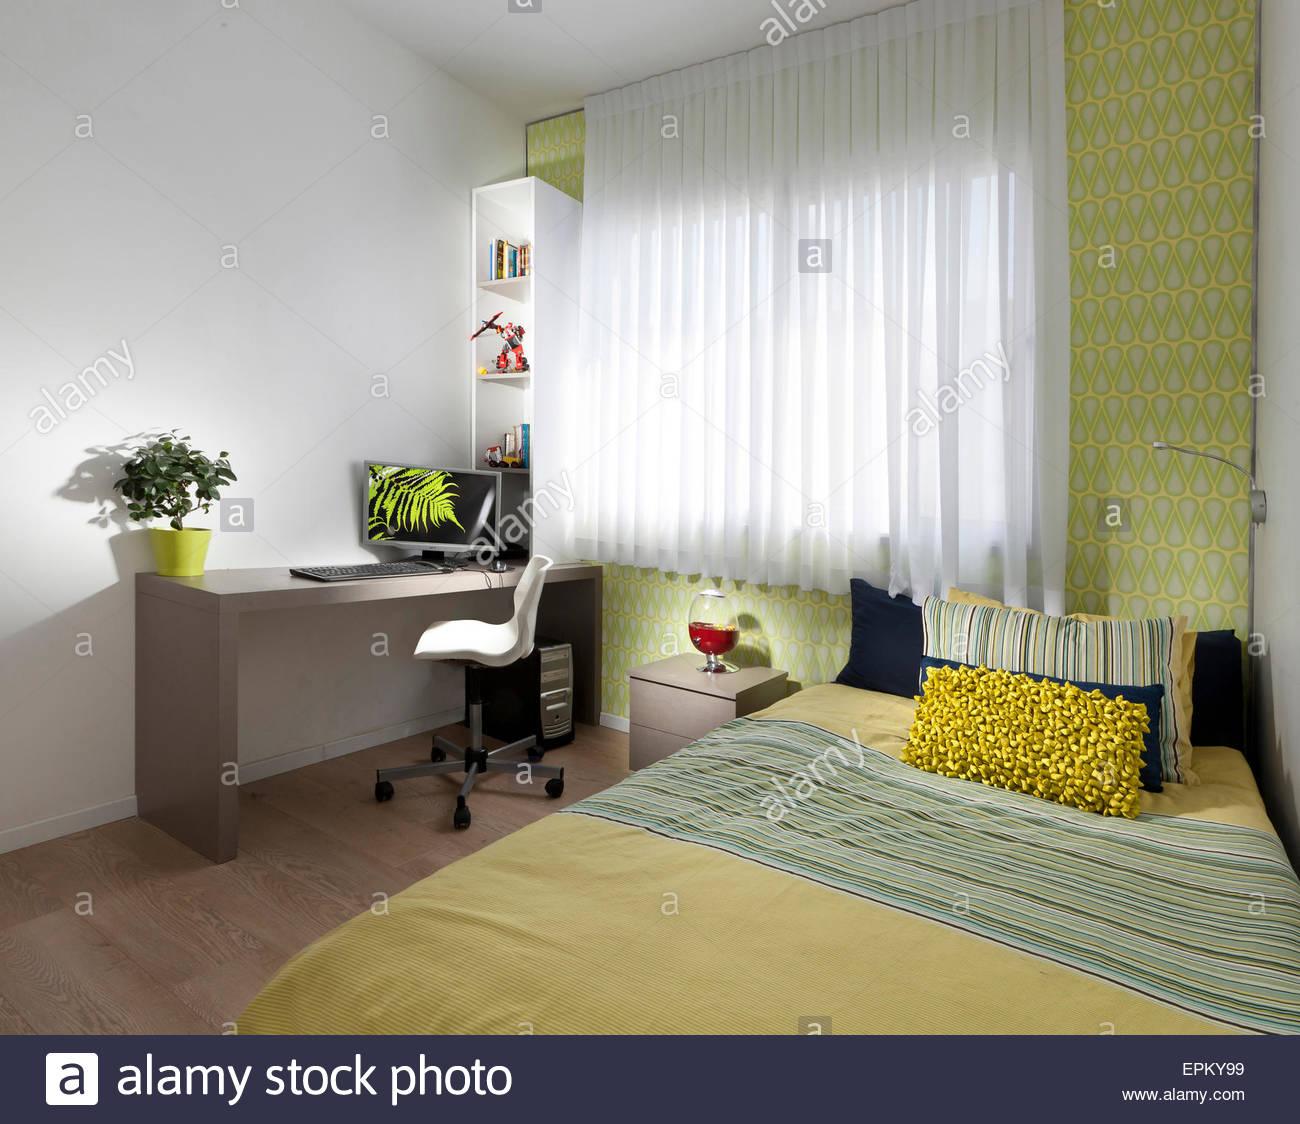 Schlafzimmer Mit Doppelbett Und Schreibtisch In Modernen Villa, Givu0027at  Smuel, Israel.